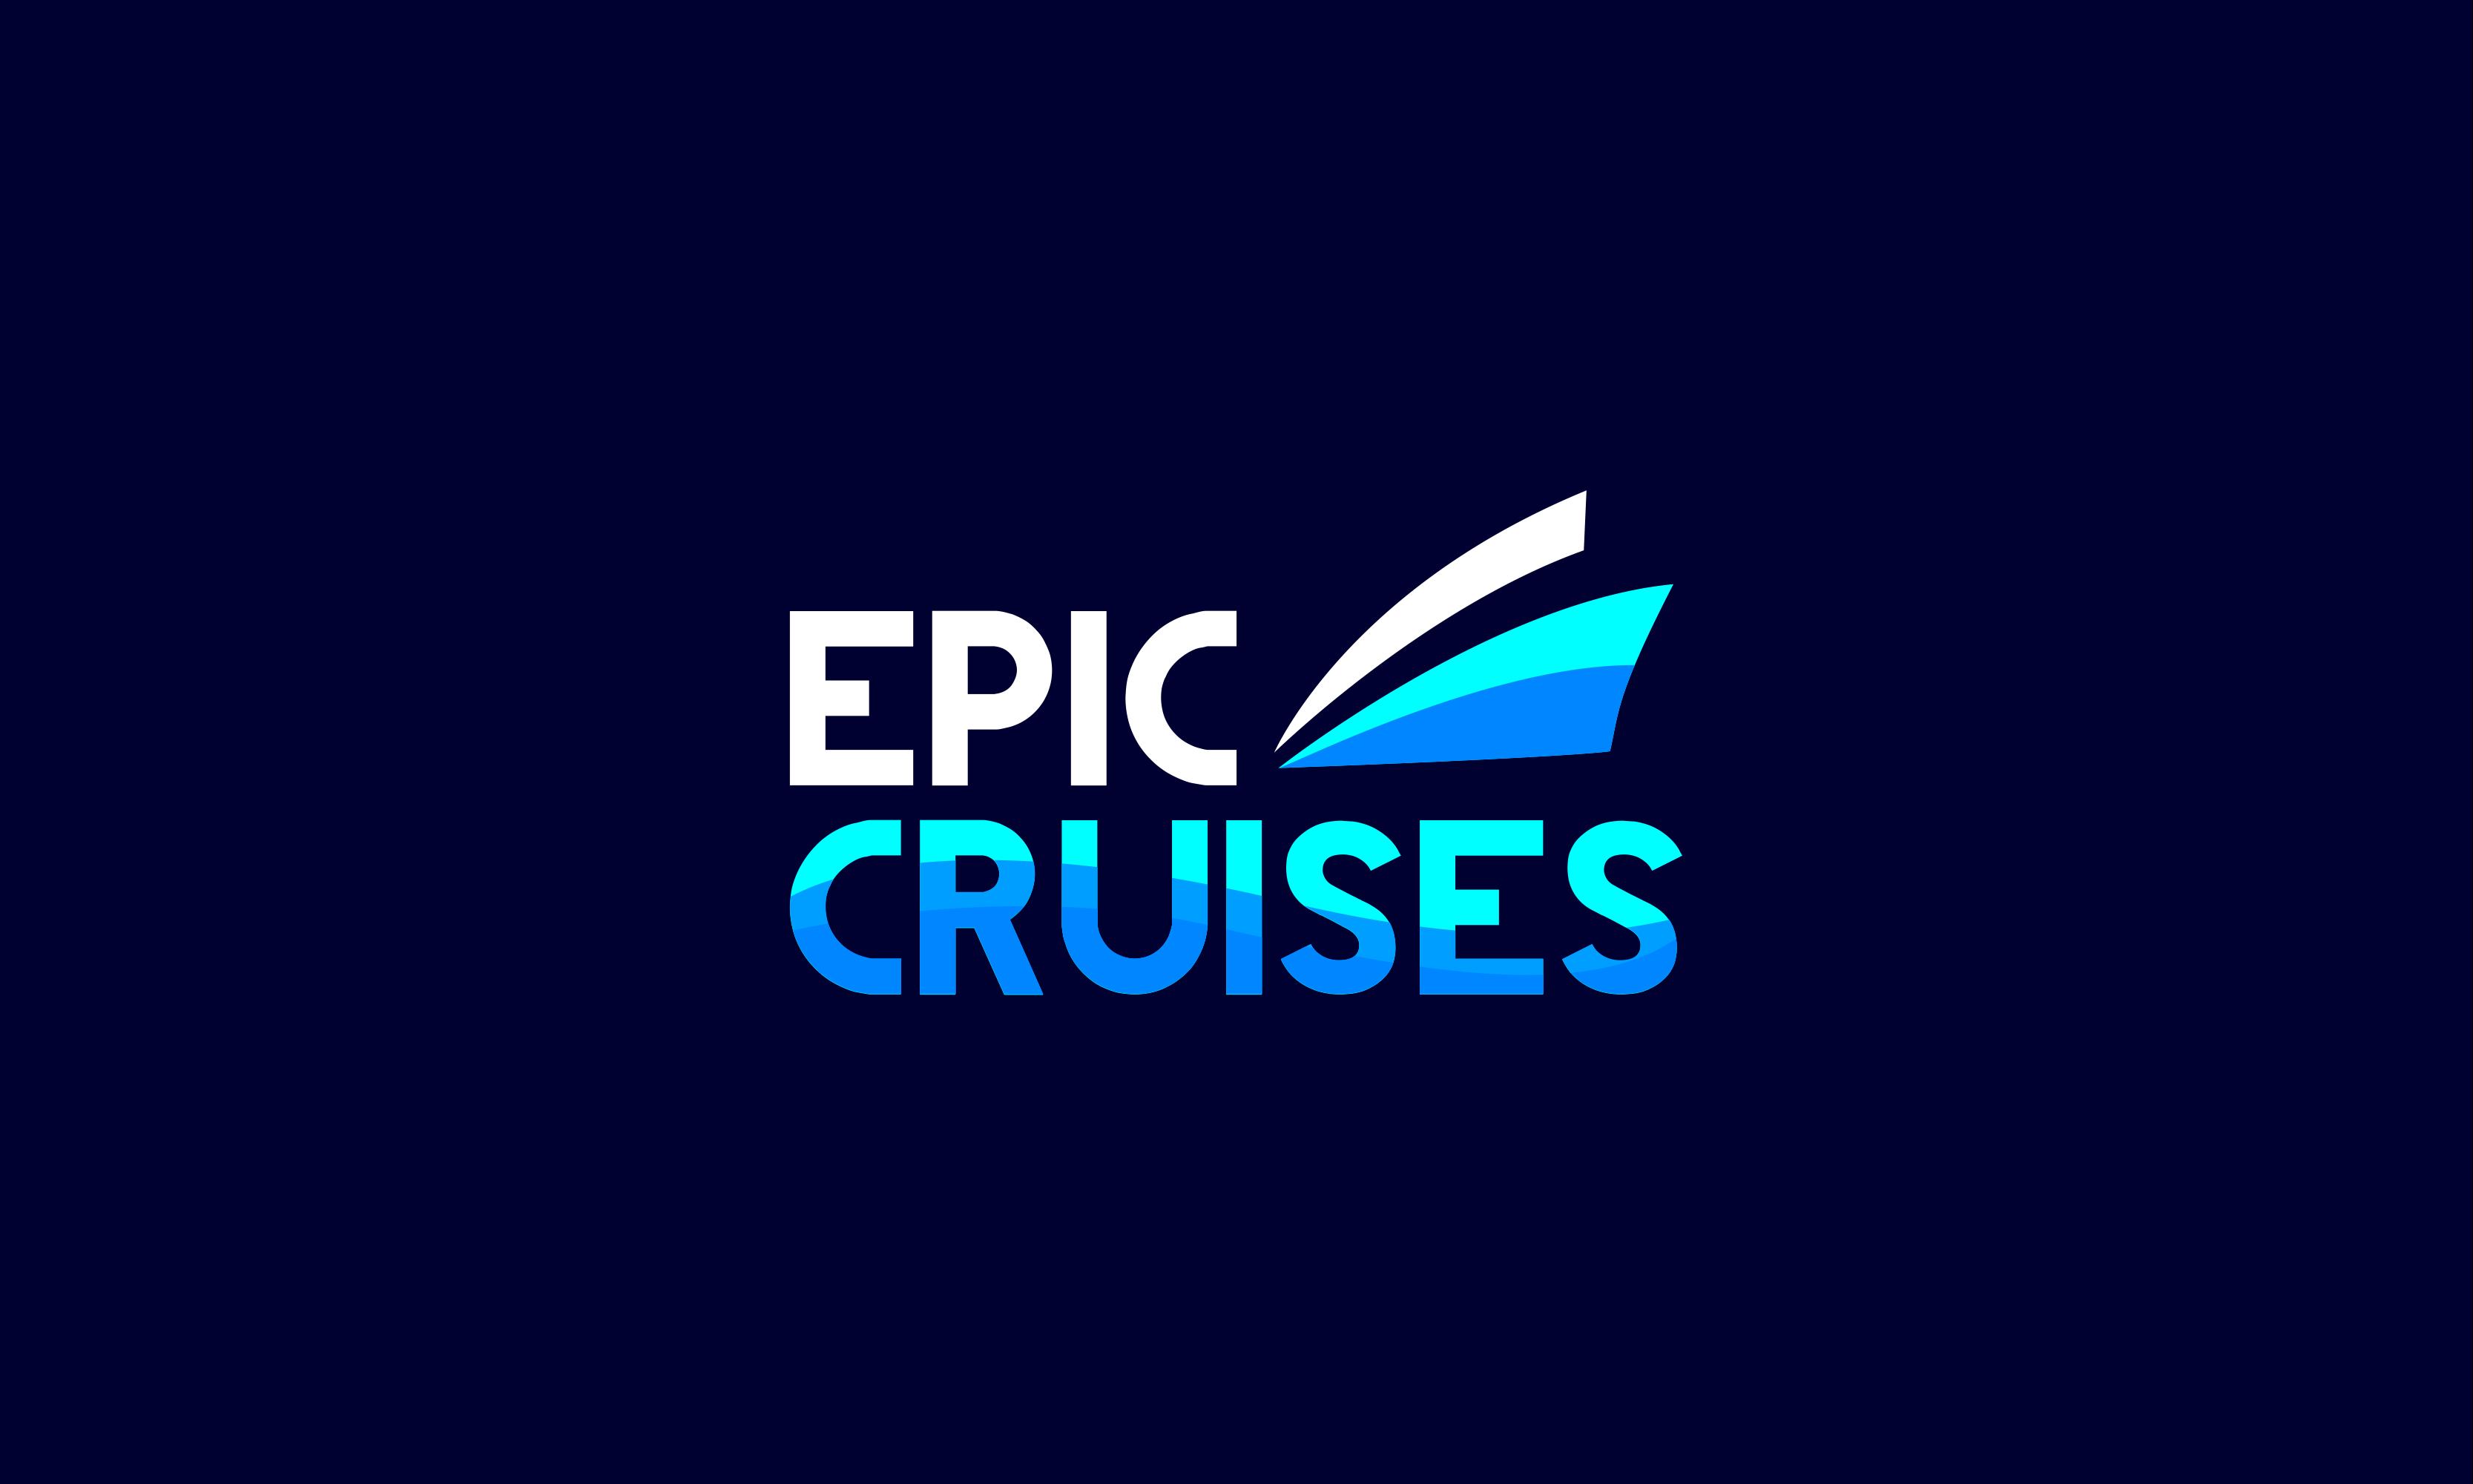 Epiccruises